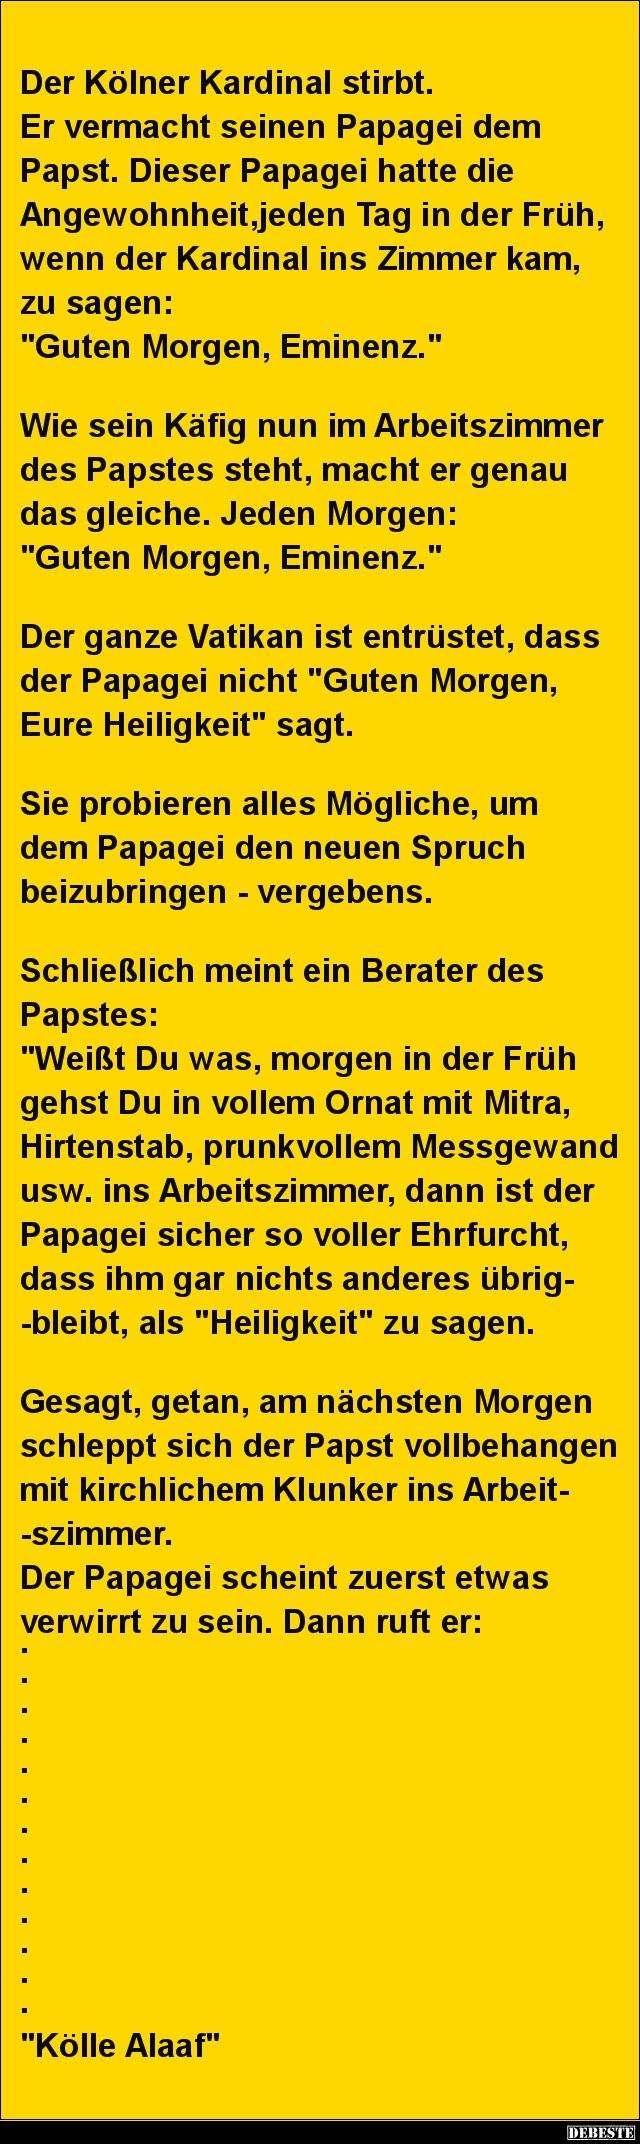 Der Kölner Kardinal stirbt. Er vermacht seinen Papagei.. | Lustige Bilder, Sprüche, Witze, echt lustig